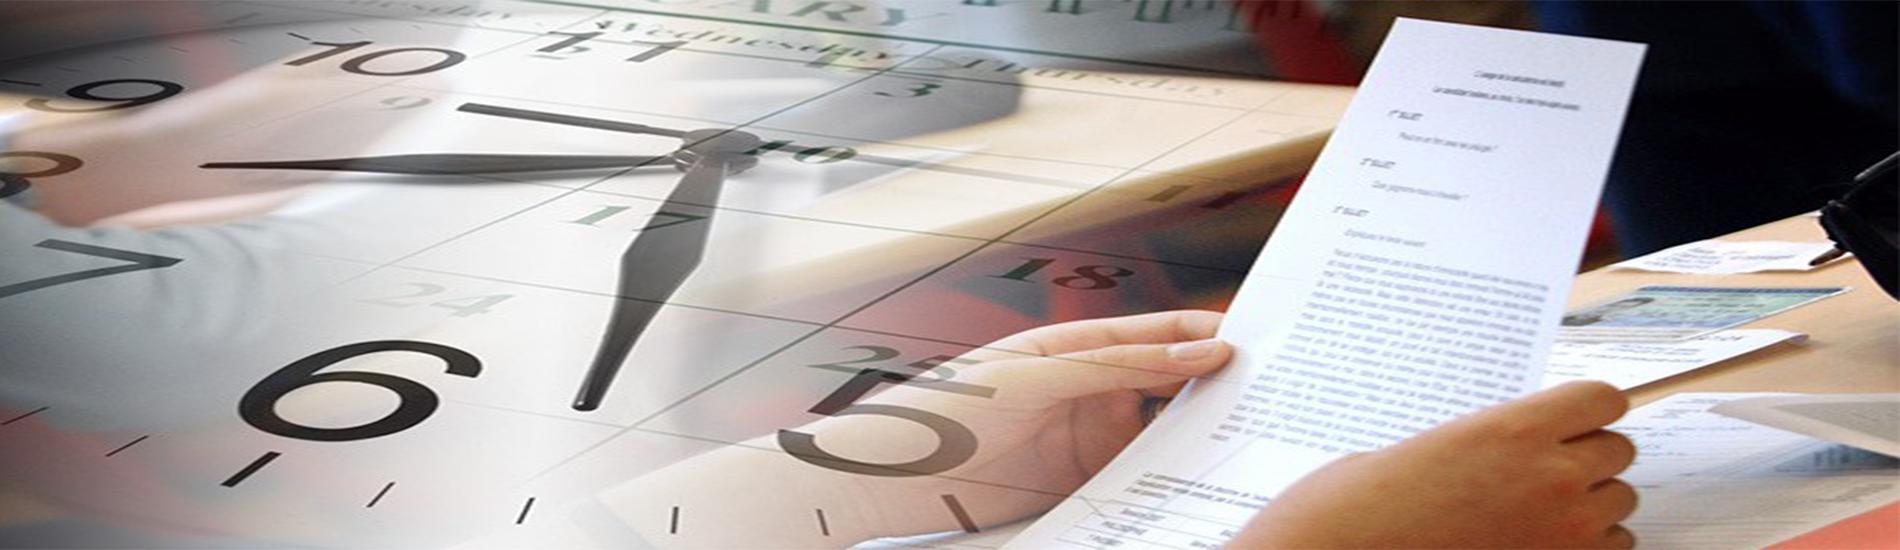 جدول التوقيت الزمني السداسي الثاني 2019 +معاينة إمتحان السداسي الأول